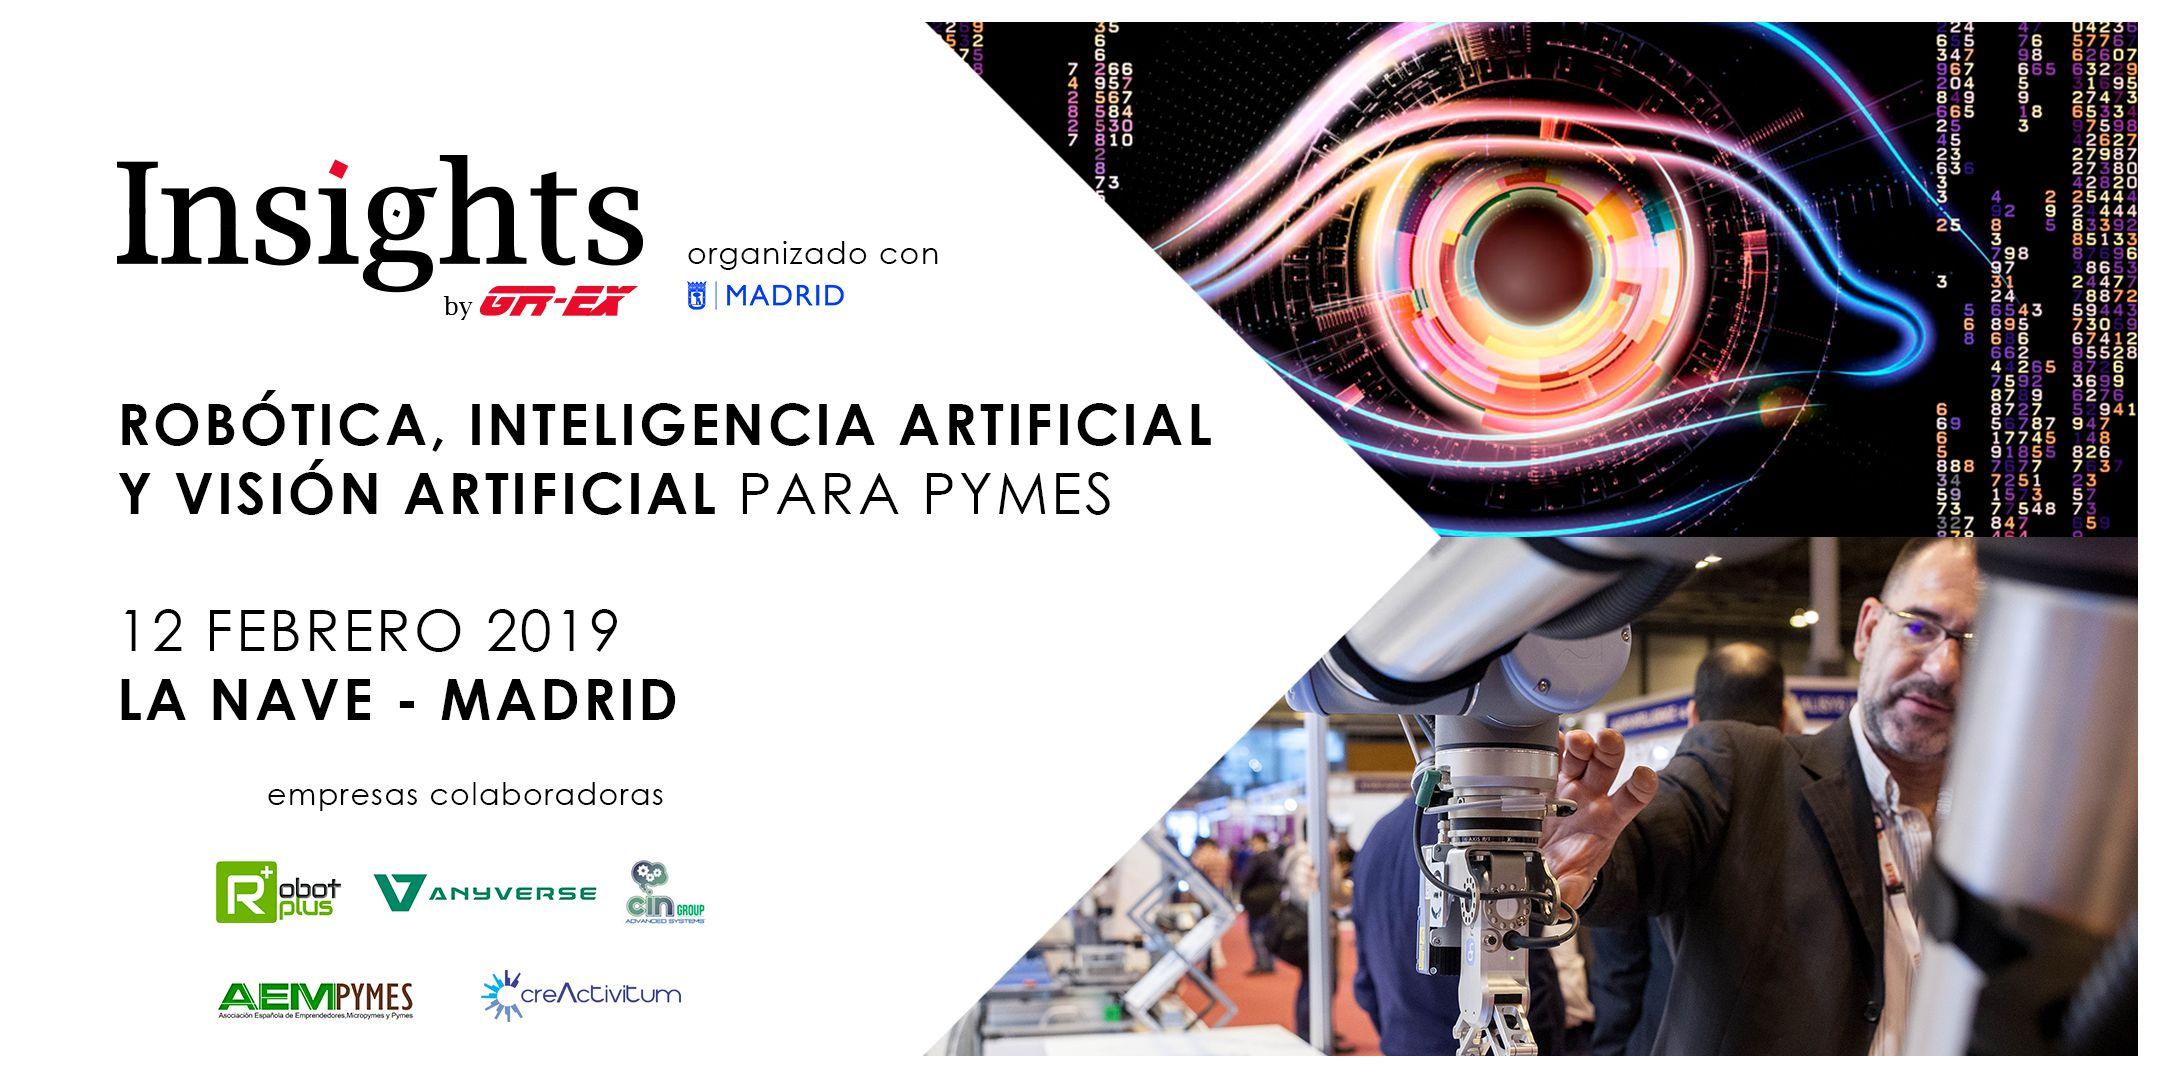 Las PYMES españolas están listas para implementar la Robótica, Visión Artificial e Inteligencia Artificial